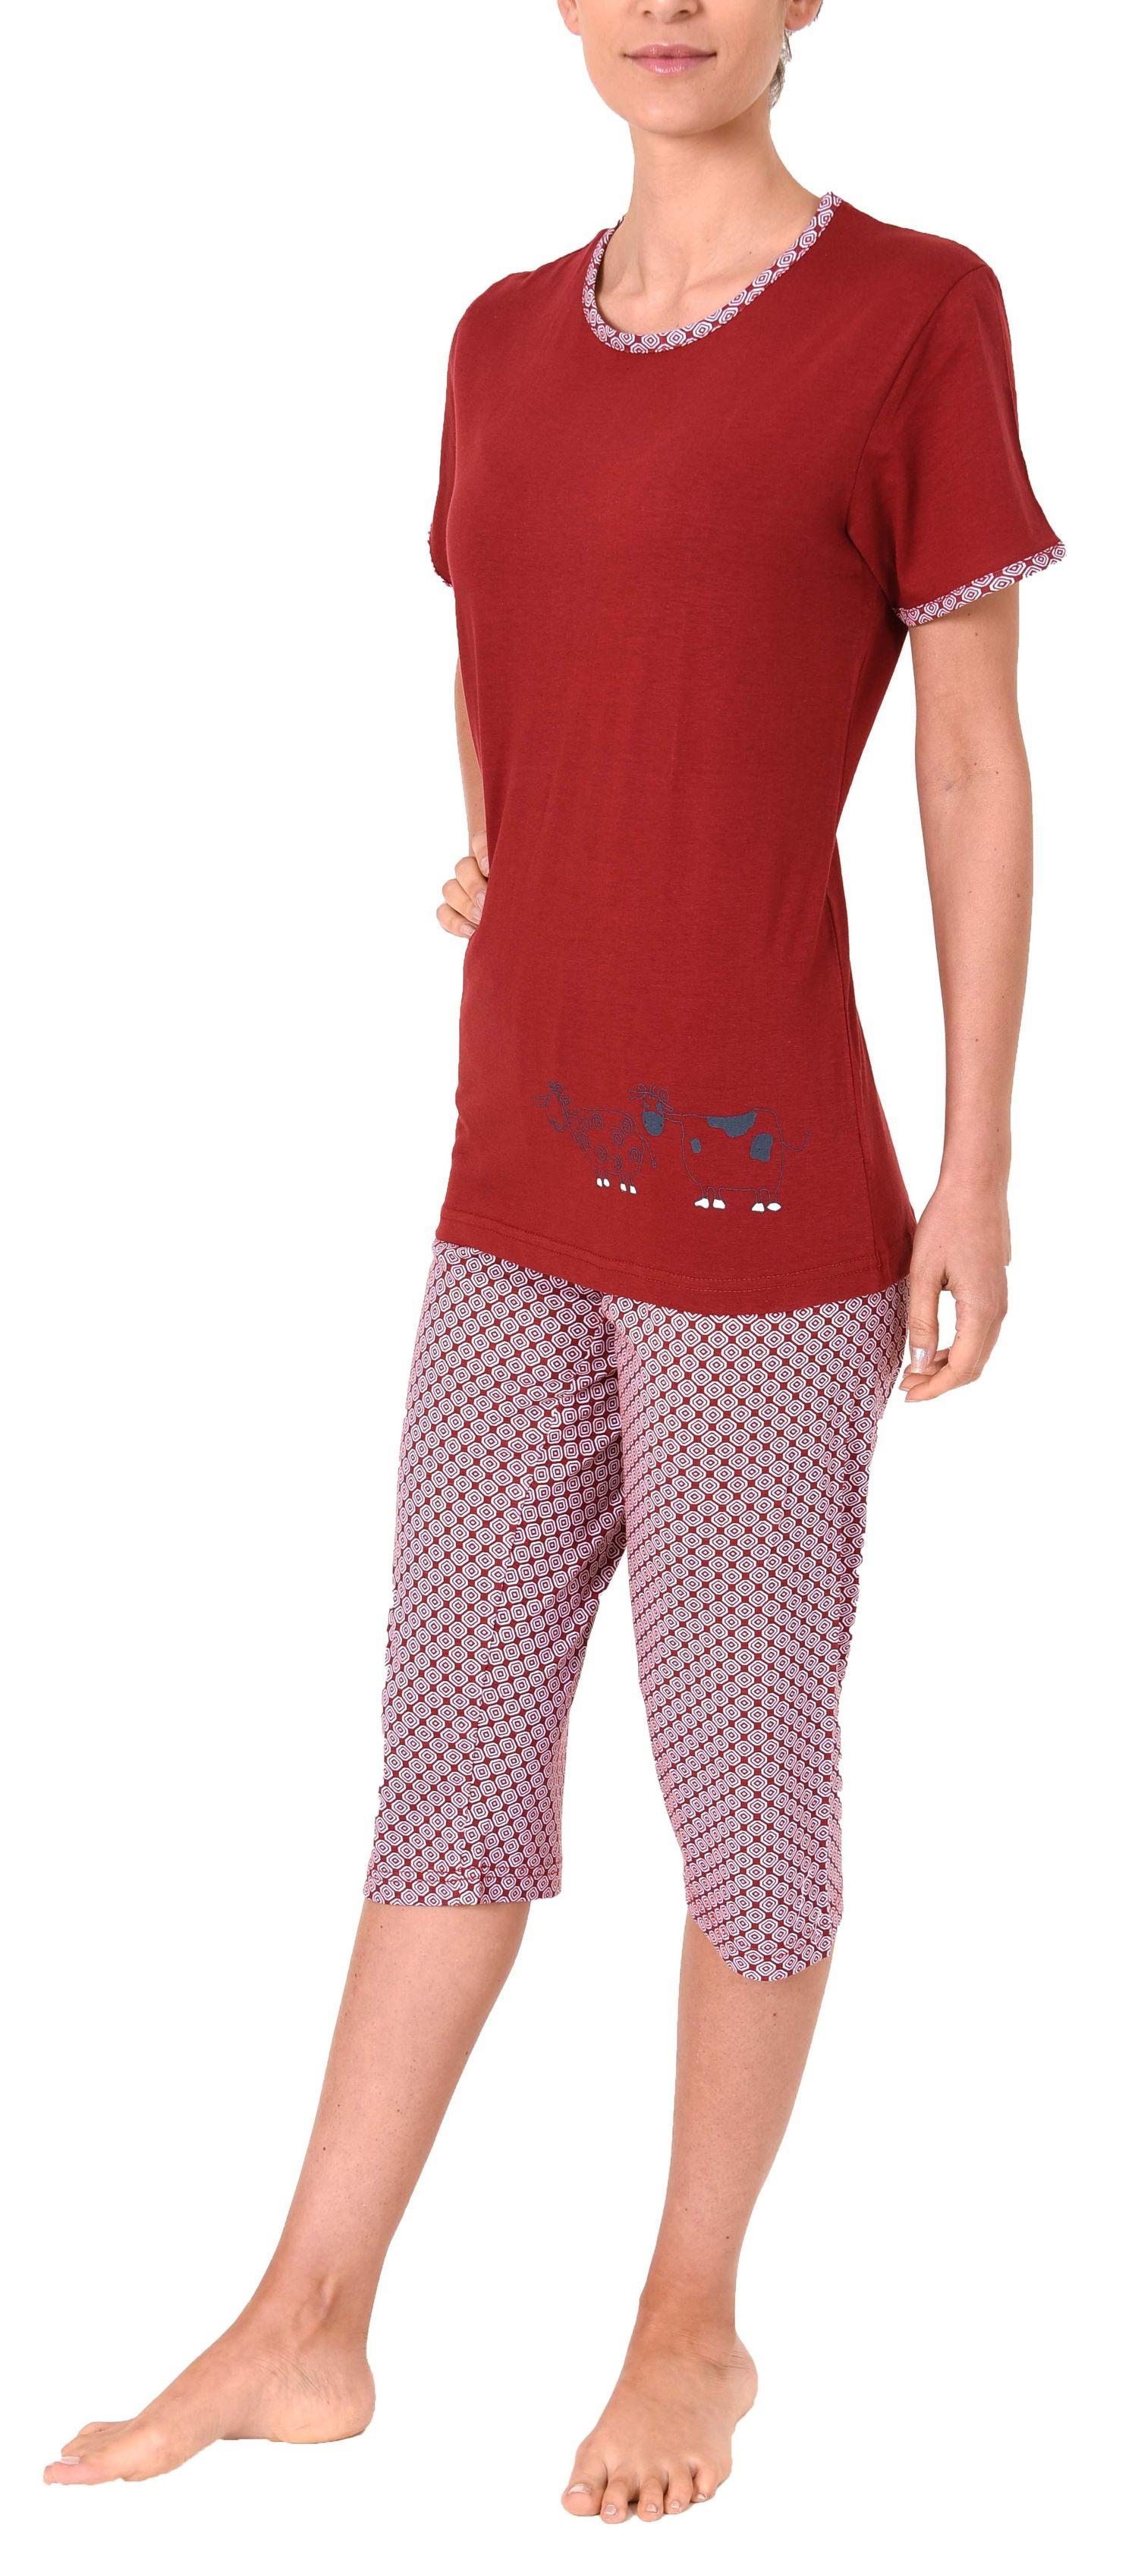 Damen Capri Pyjama kurzarm Schlafanzug mit süssen Tiermotiv - 60853 – Bild 3